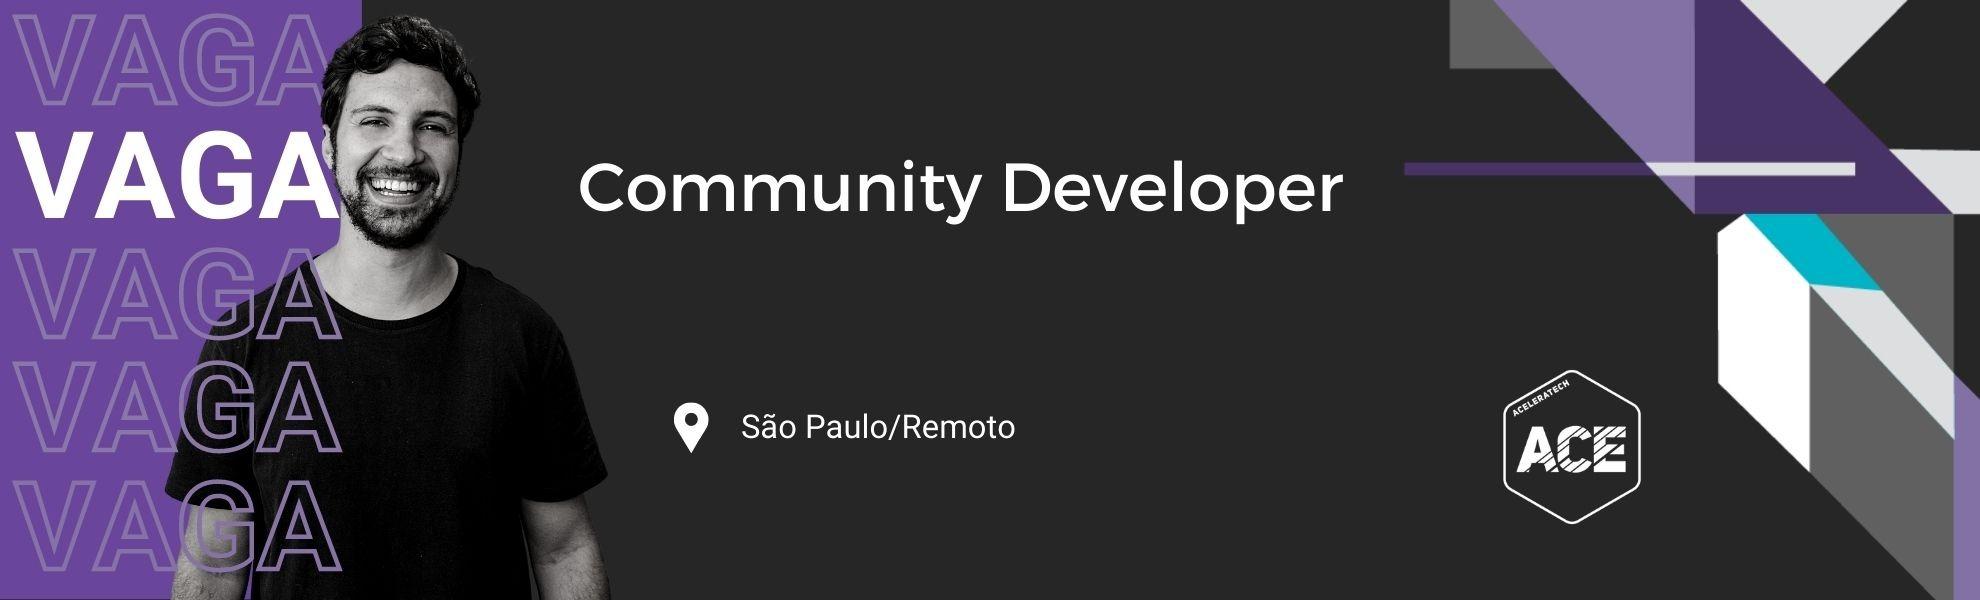 Community Developer